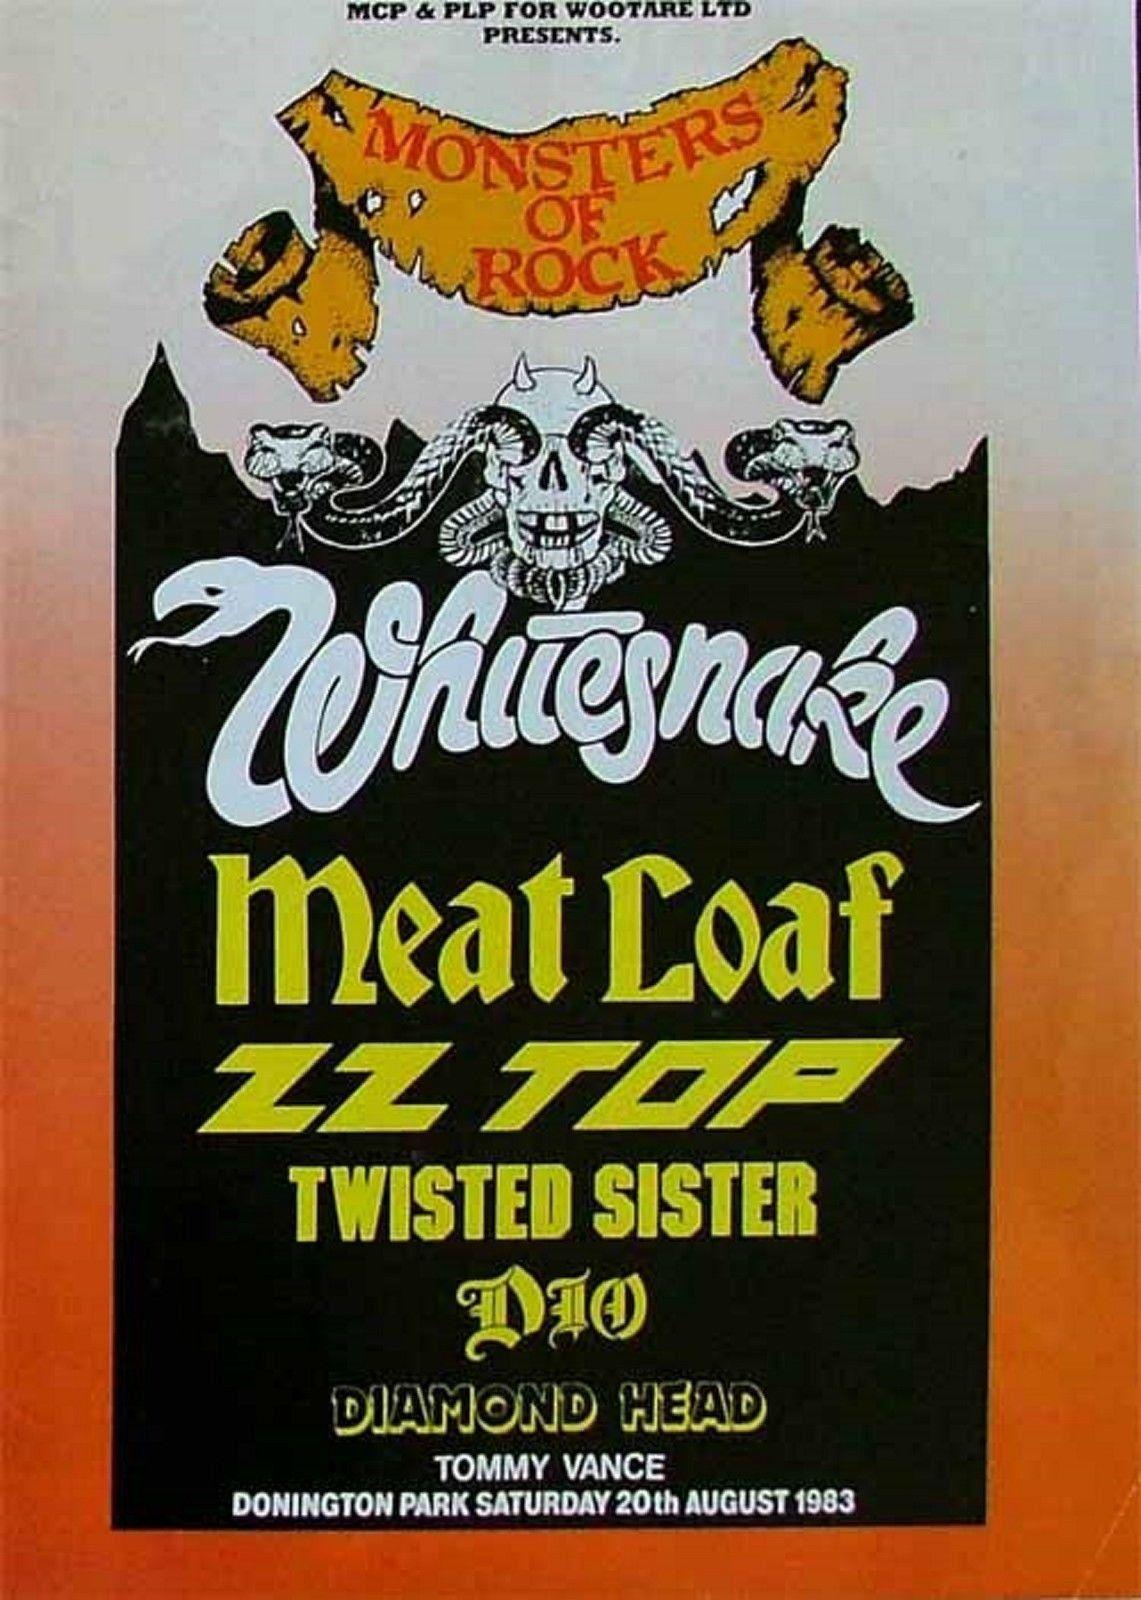 Whitesnake Vintage Poster Monsters Of Rock Castle Donington Uk 1983 Concert Posters Concert Poster Art Rock Band Posters